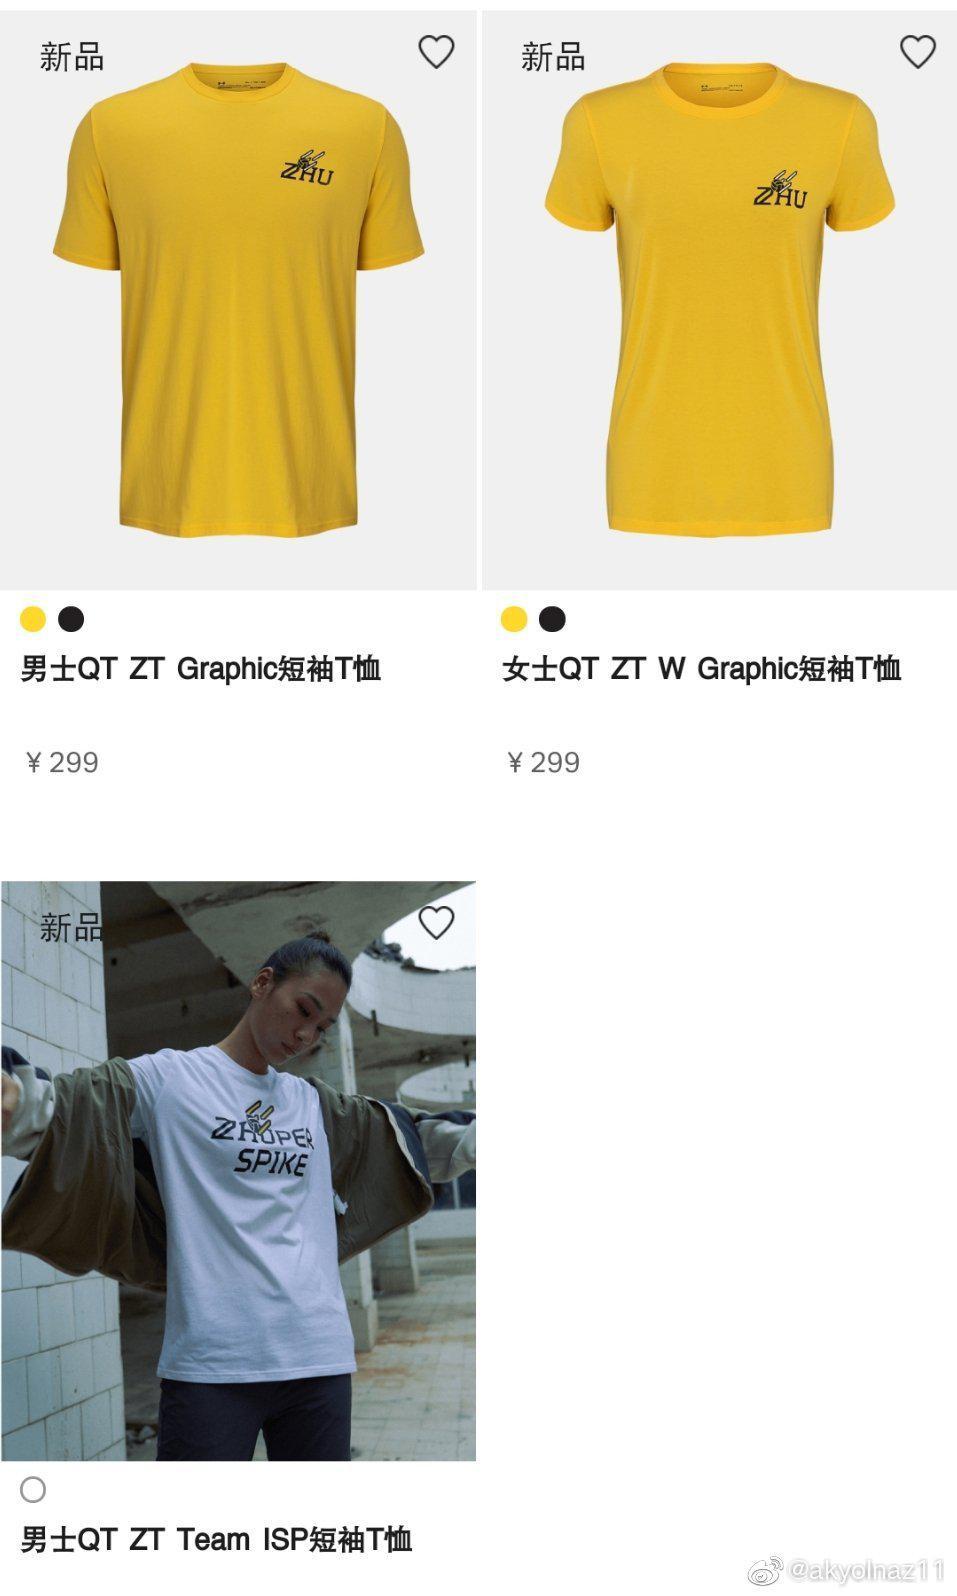 安德玛送的礼物🎁 到了,两件T恤,黄色的是本博主的…………